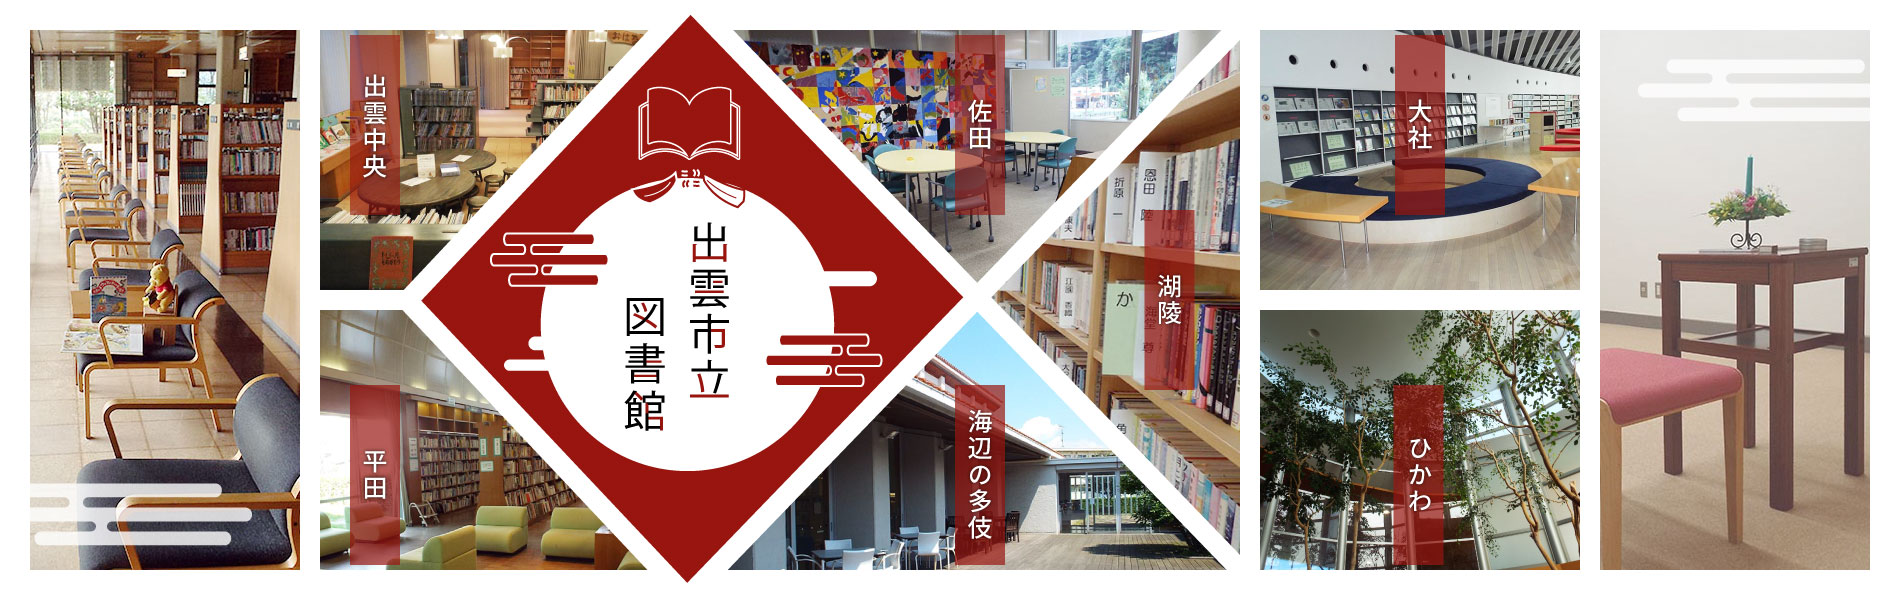 出雲市立中央図書館